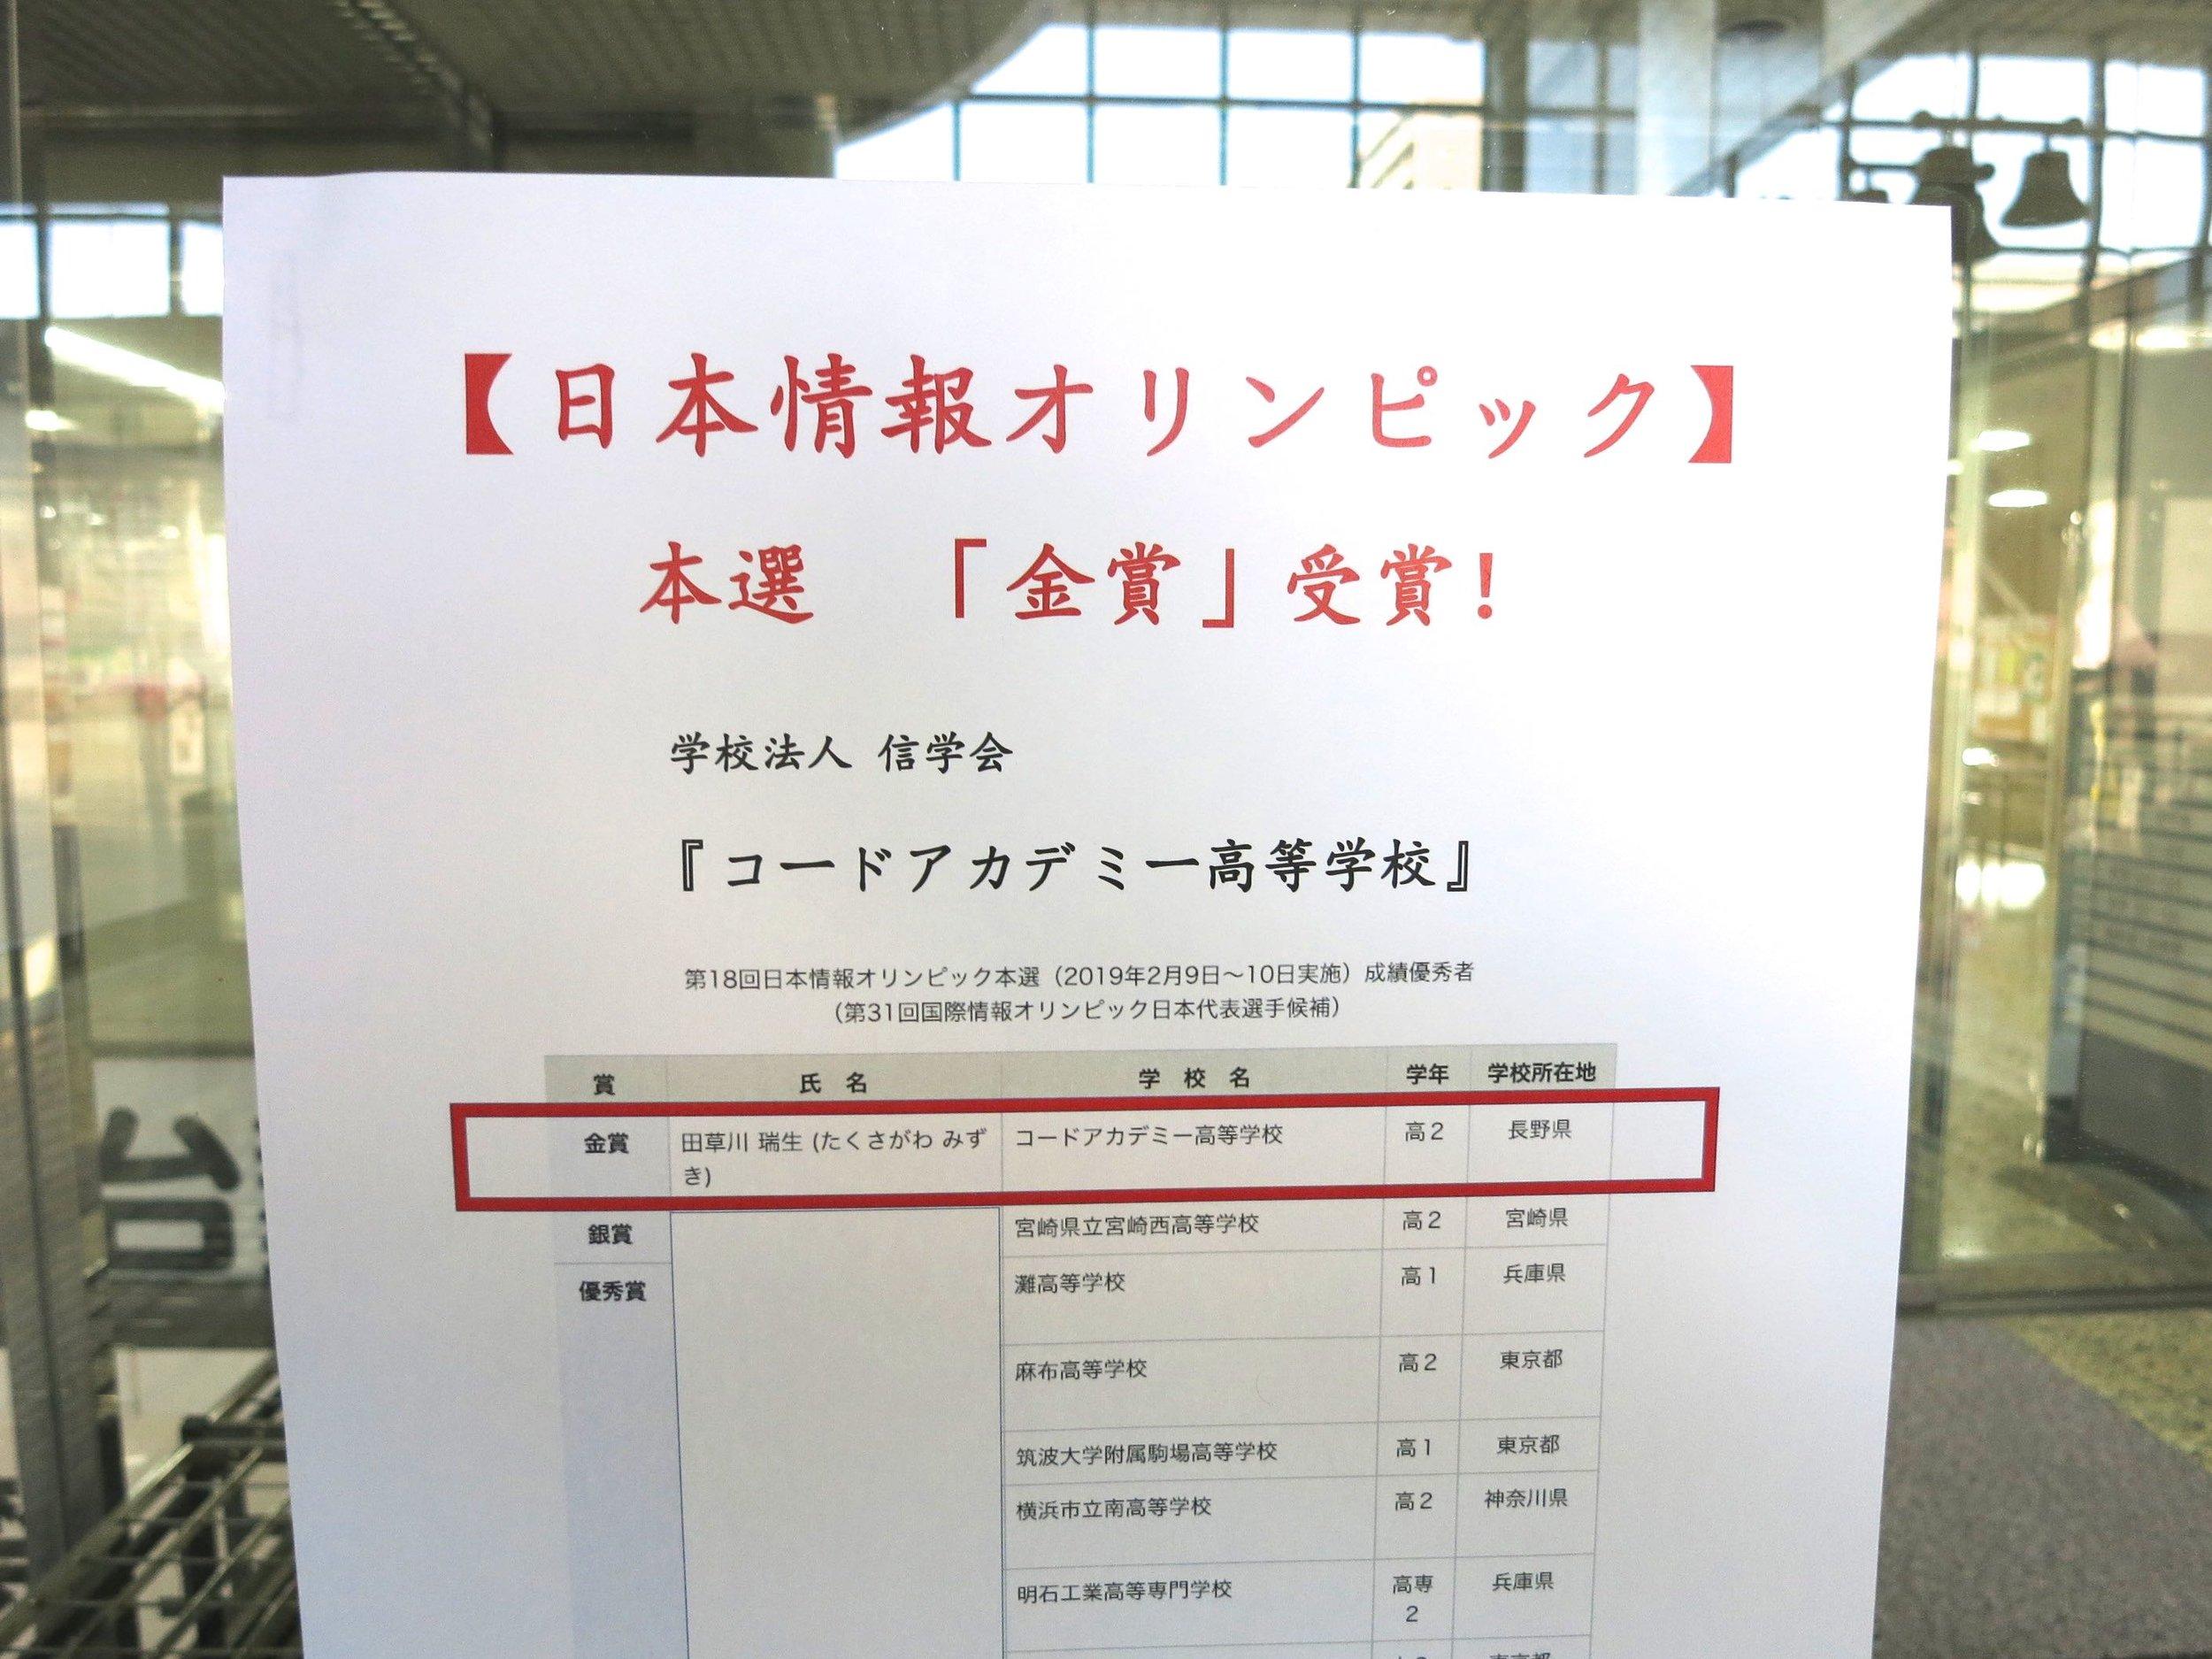 情報オリンピック 金賞 張り紙.jpg